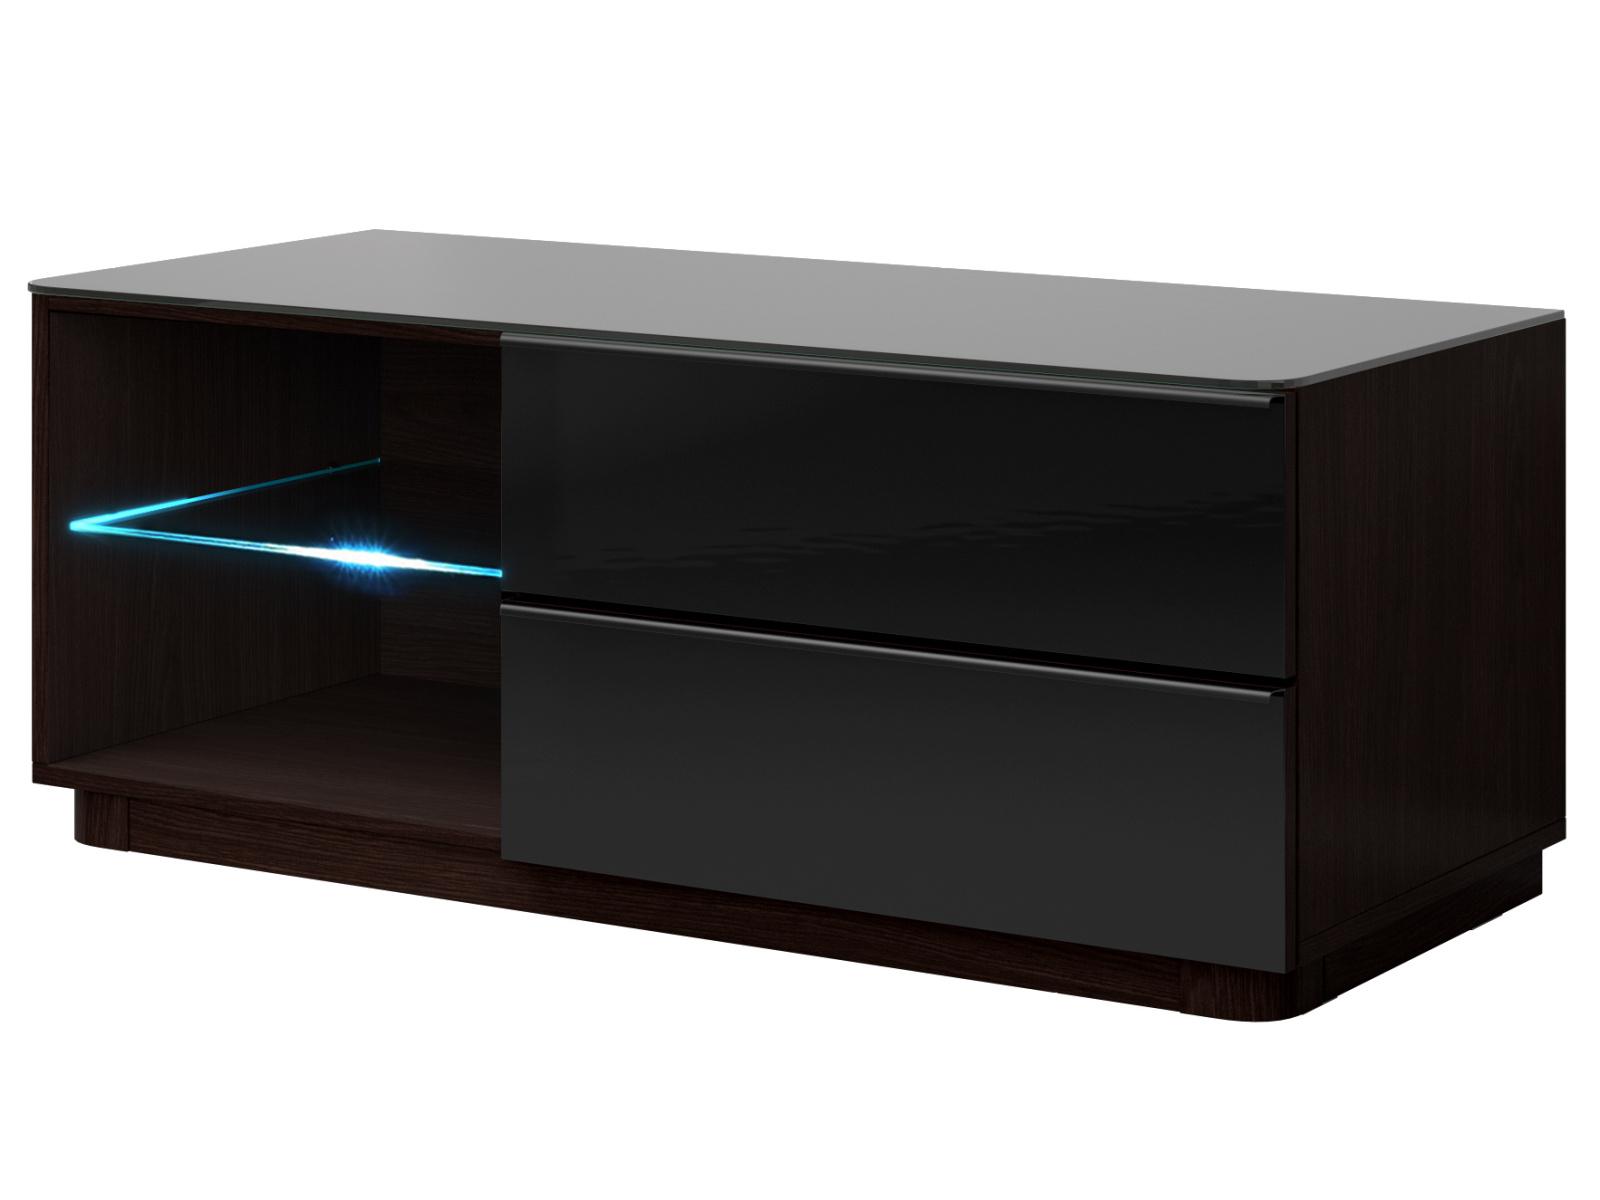 Smartshop TOGO TV stolek 120 TYP 41, wenge/černé sklo